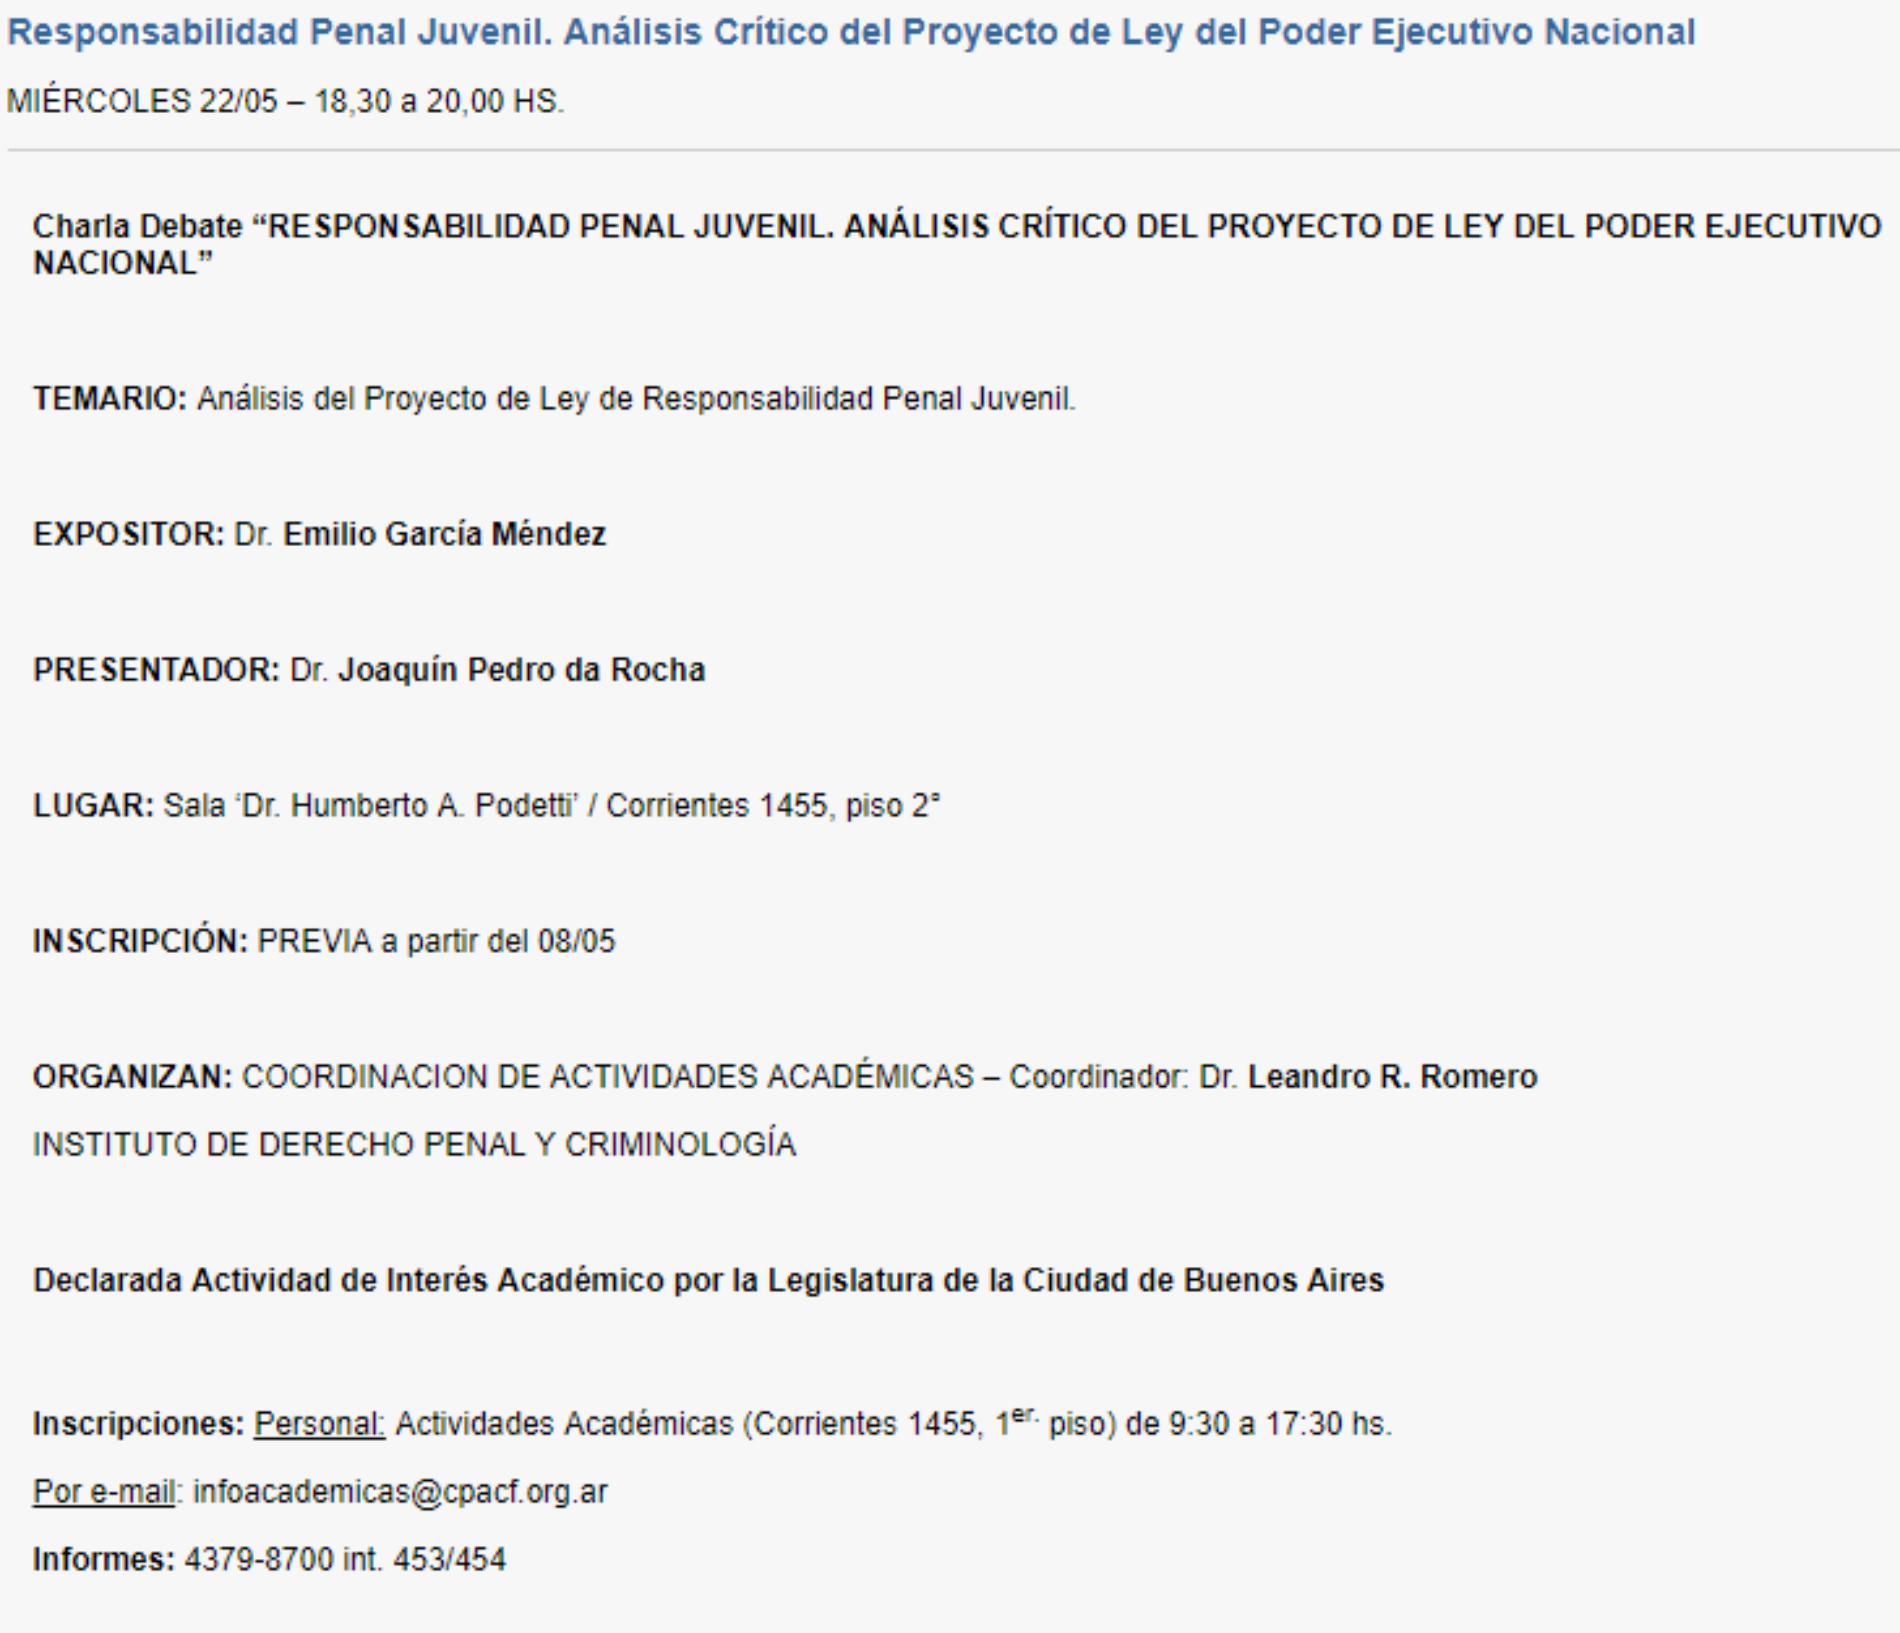 CHARLA-DEBATE: «RESPONSABILIDAD PENAL JUVENIL. ANÁLISIS CRÍTICO DEL PROYECTO DE LEY DEL PODER EJECUTIVO NACIONAL»